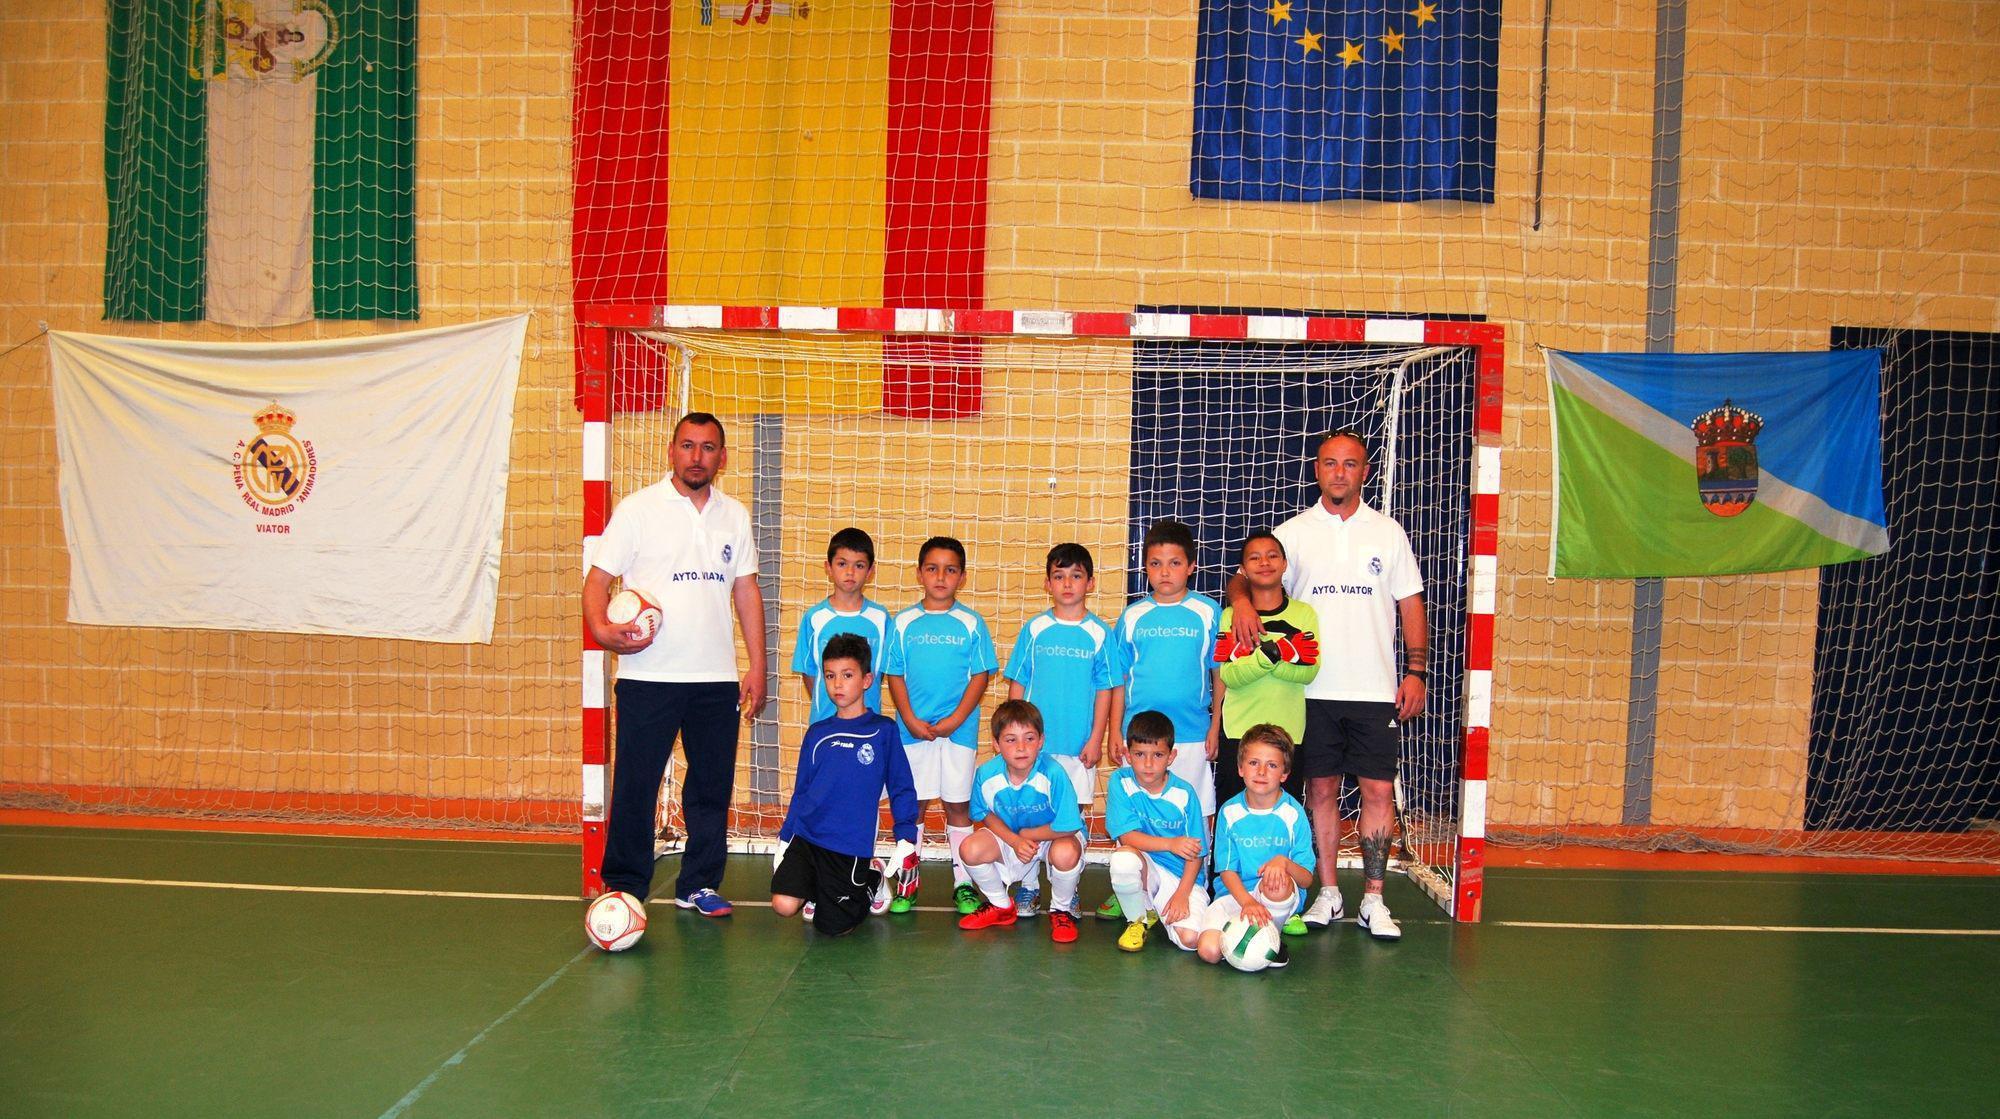 Real madrid futbol sala hd 1080p 4k foto for Sala but madrid